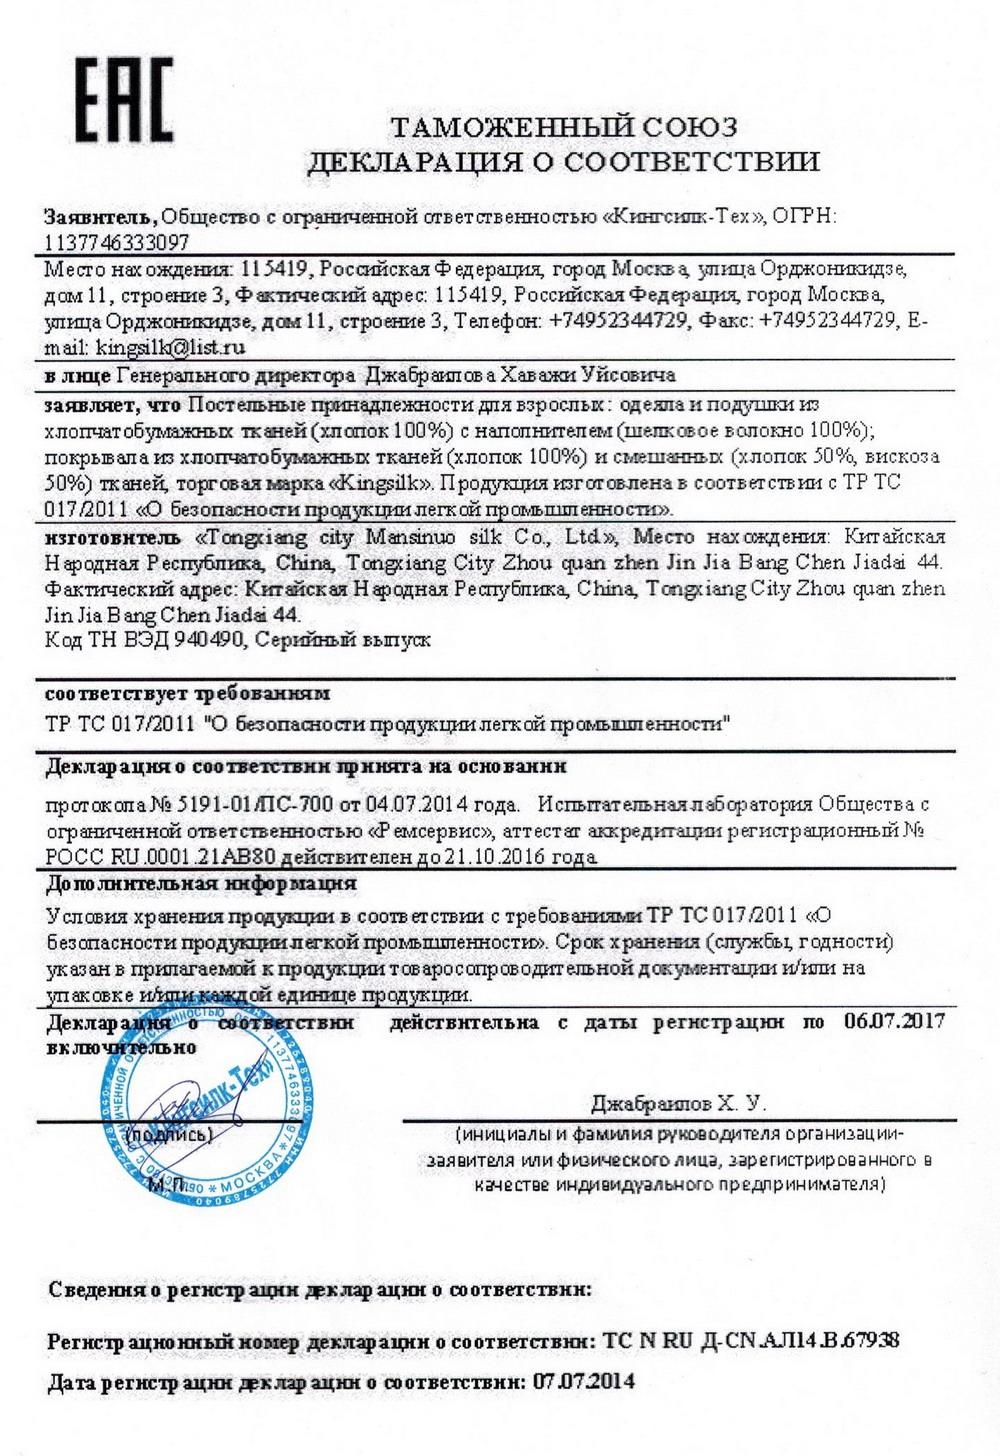 Таможенная декларация на постельные принадлежности Kingsilk